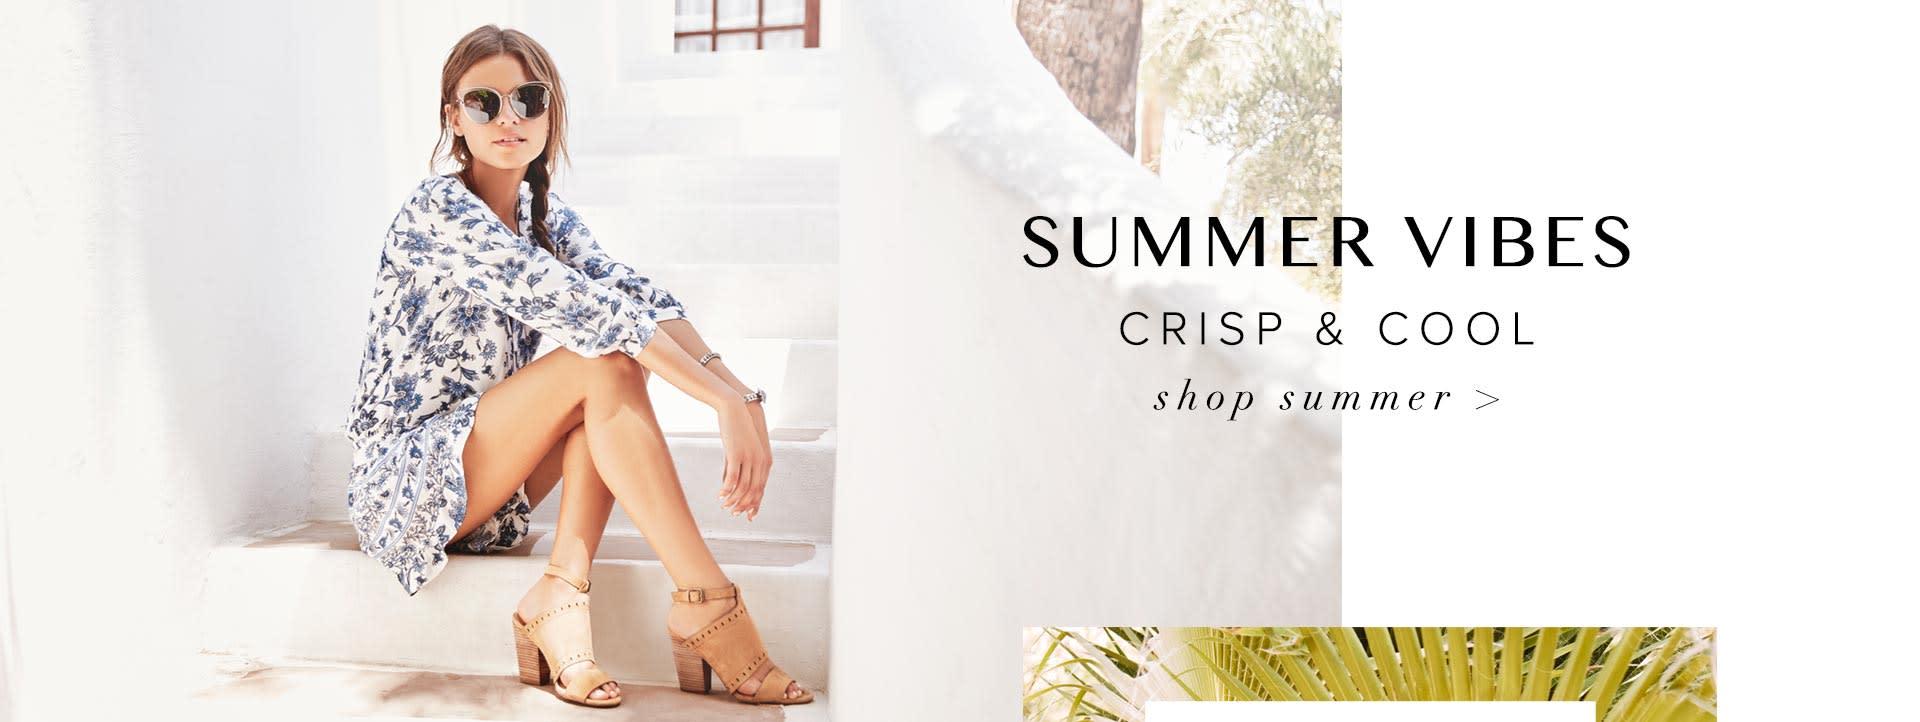 Shop Summer